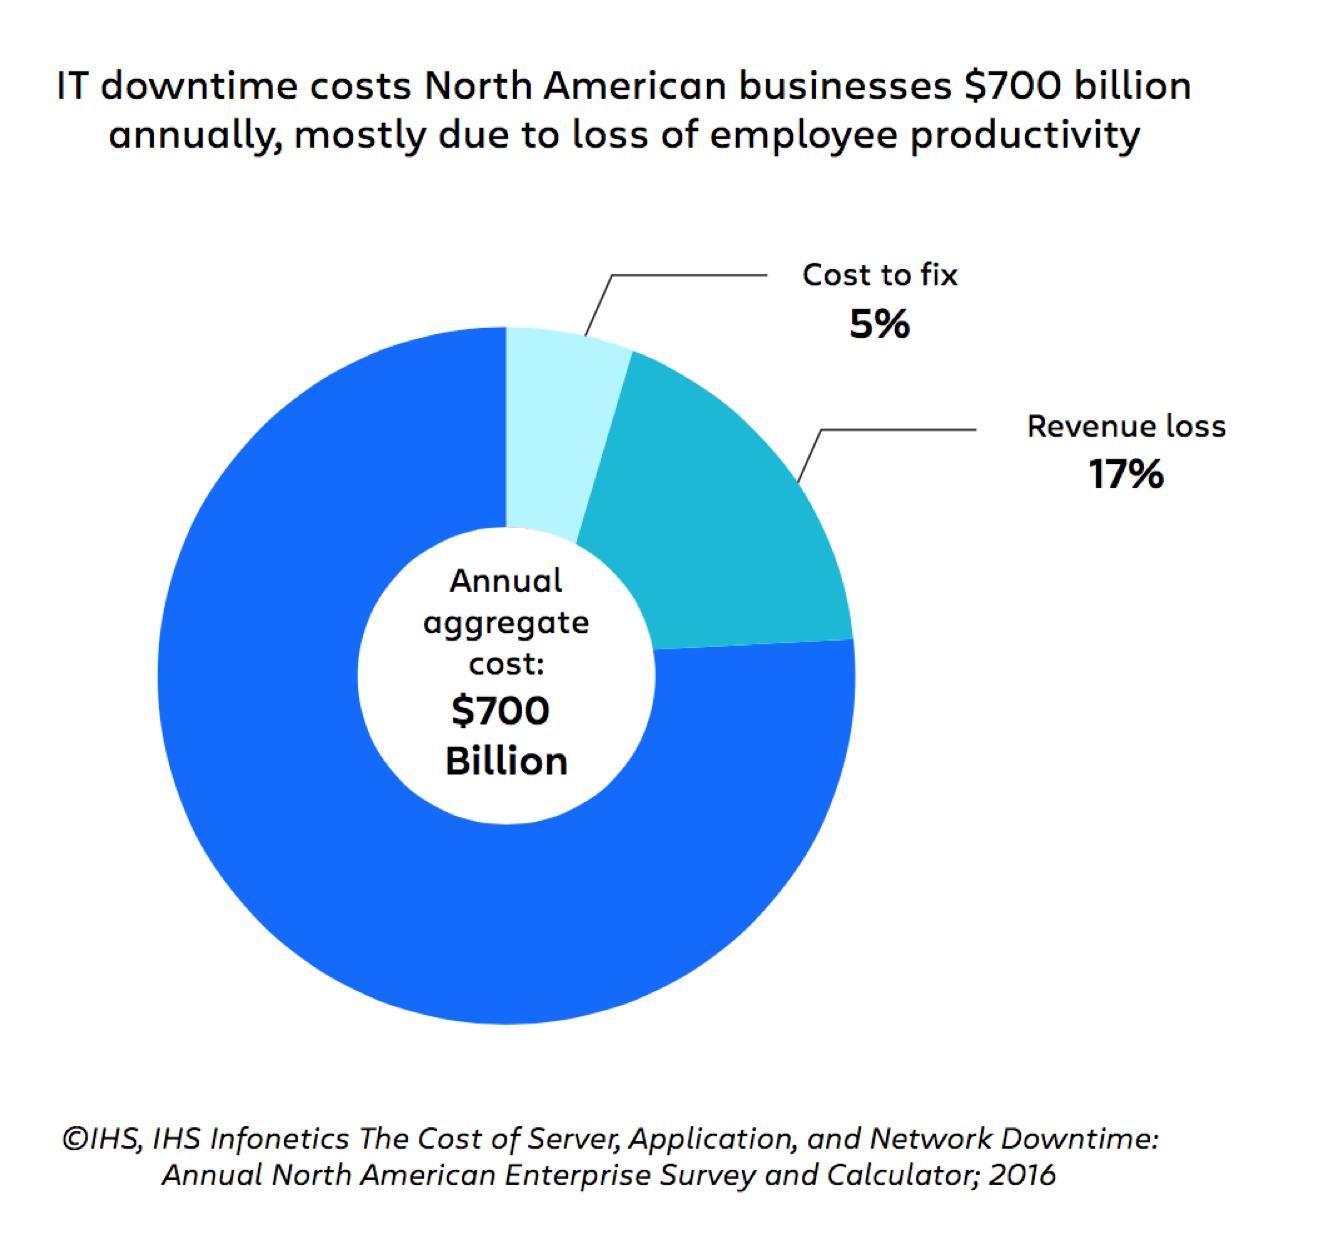 Die Grafik auf Seite9 zeigt IT-Ausfallzeiten. Sie hebt hervor, dass die Mitarbeiterproduktivität bei Weitem die größten Kosten verursacht. IT-Ausfallzeiten kosten Unternehmen in Nordamerika jährlich 700Milliarden US-Dollar, die hauptsächlich auf Verluste bei der Mitarbeiterproduktivität zurückzuführen sind.